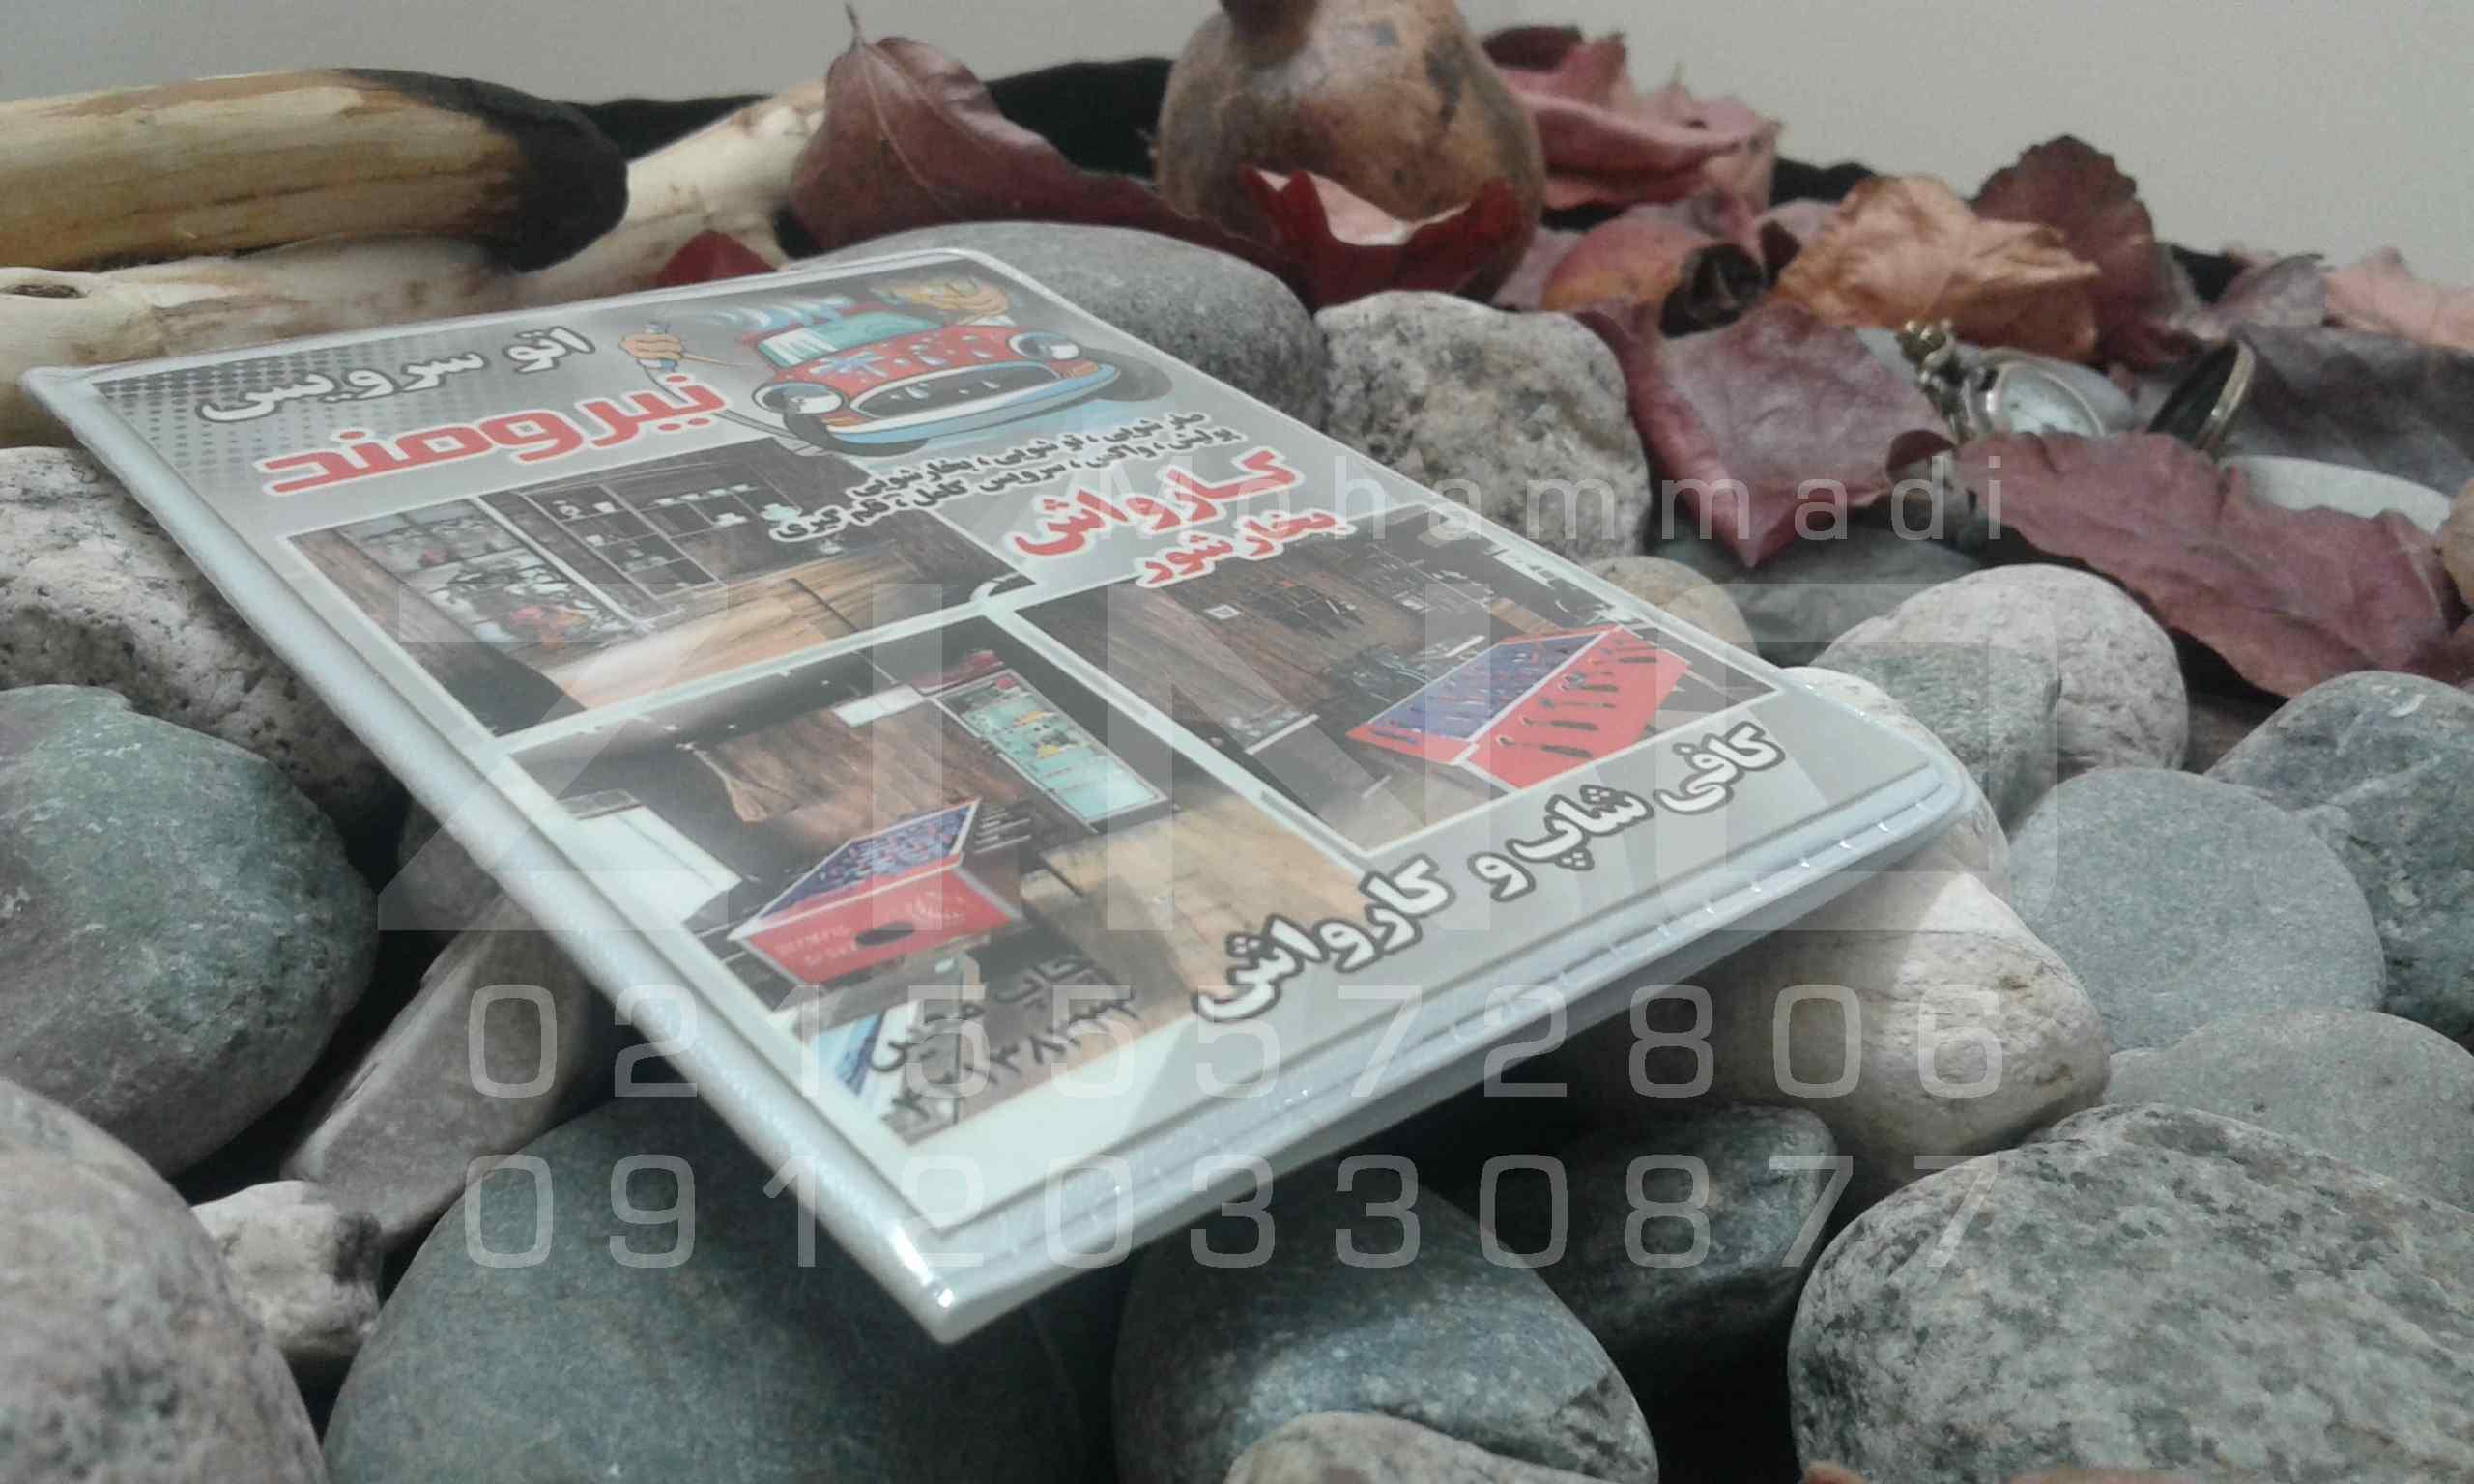 سفارش جلد بیمه نامه طلقی تبلیغاتی در تهران